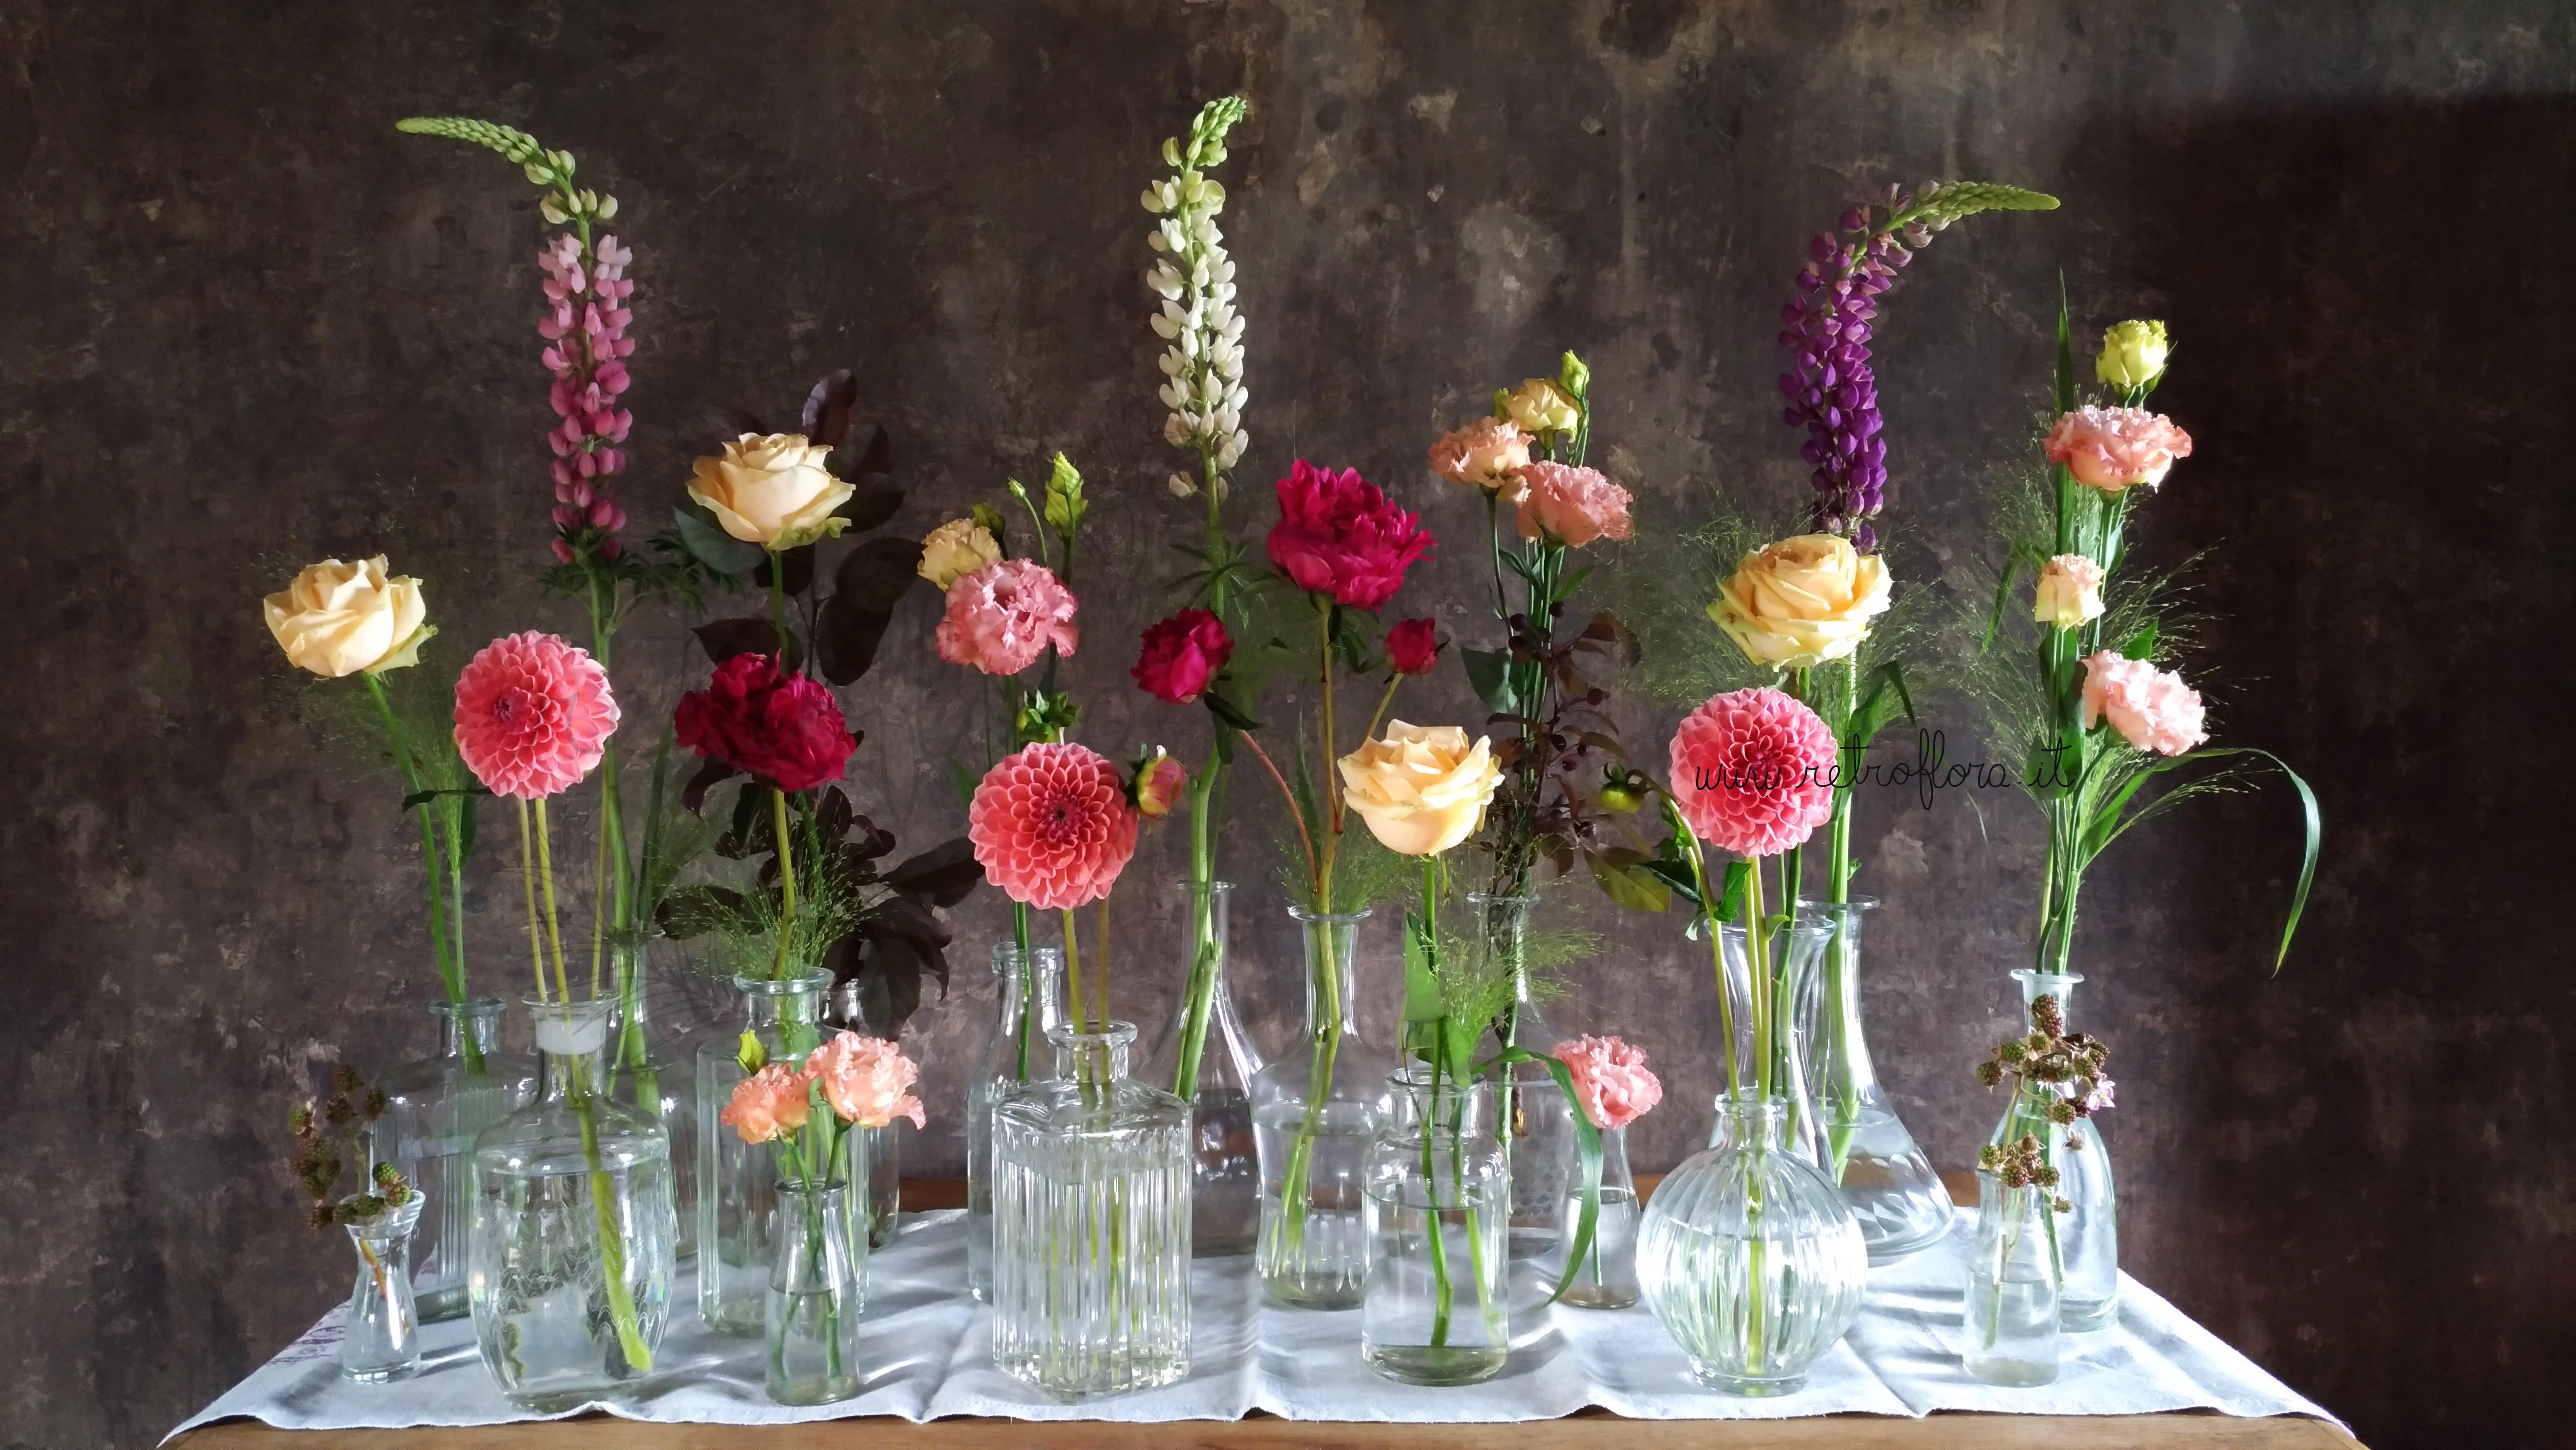 La Mensola Fiorita Giugno, Composizioni Floreali Sostenibili, Composizione Floreale Vintage, Floral Display, Flower Display